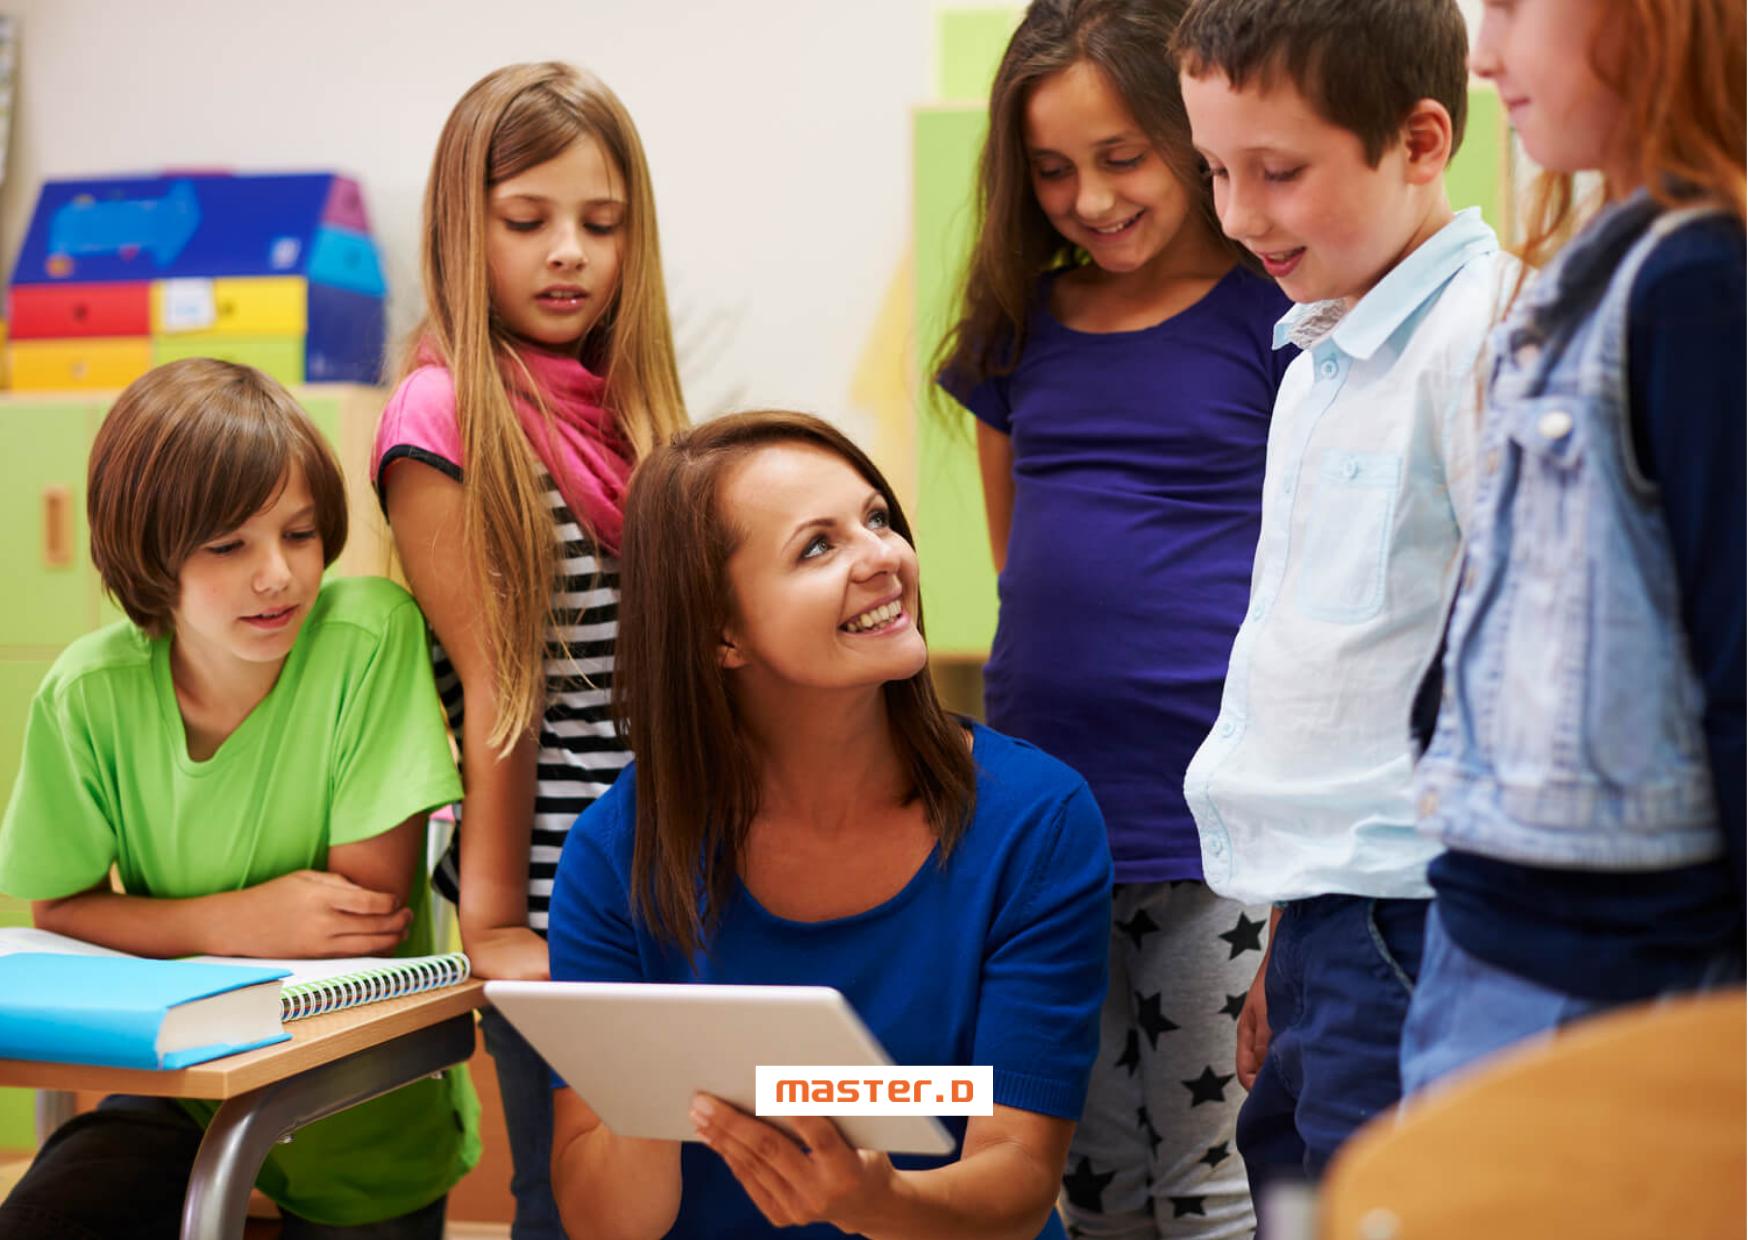 Master D – Opinião de 7 formandas do curso de Auxiliar de Educação Infantil e Babysitting